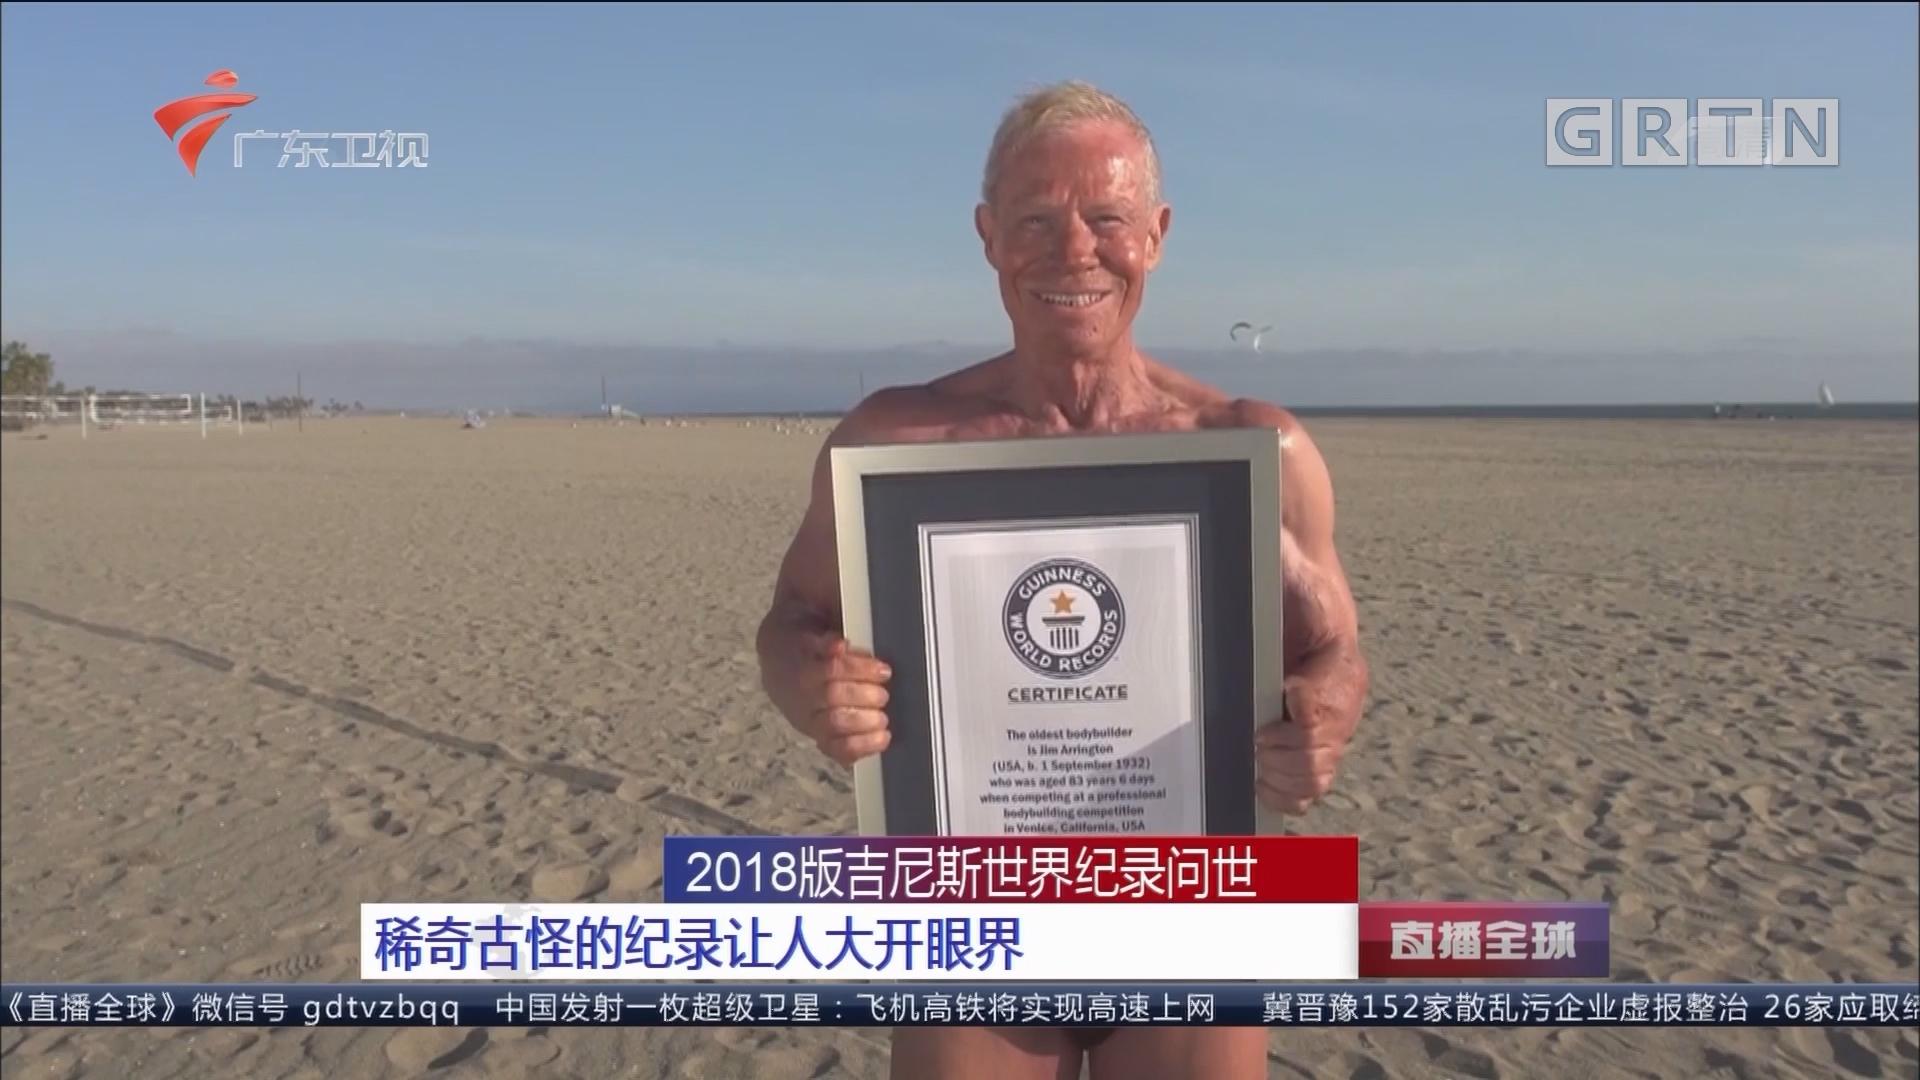 2018版吉尼斯世界纪录问世 稀奇古怪的纪录让人打开眼界